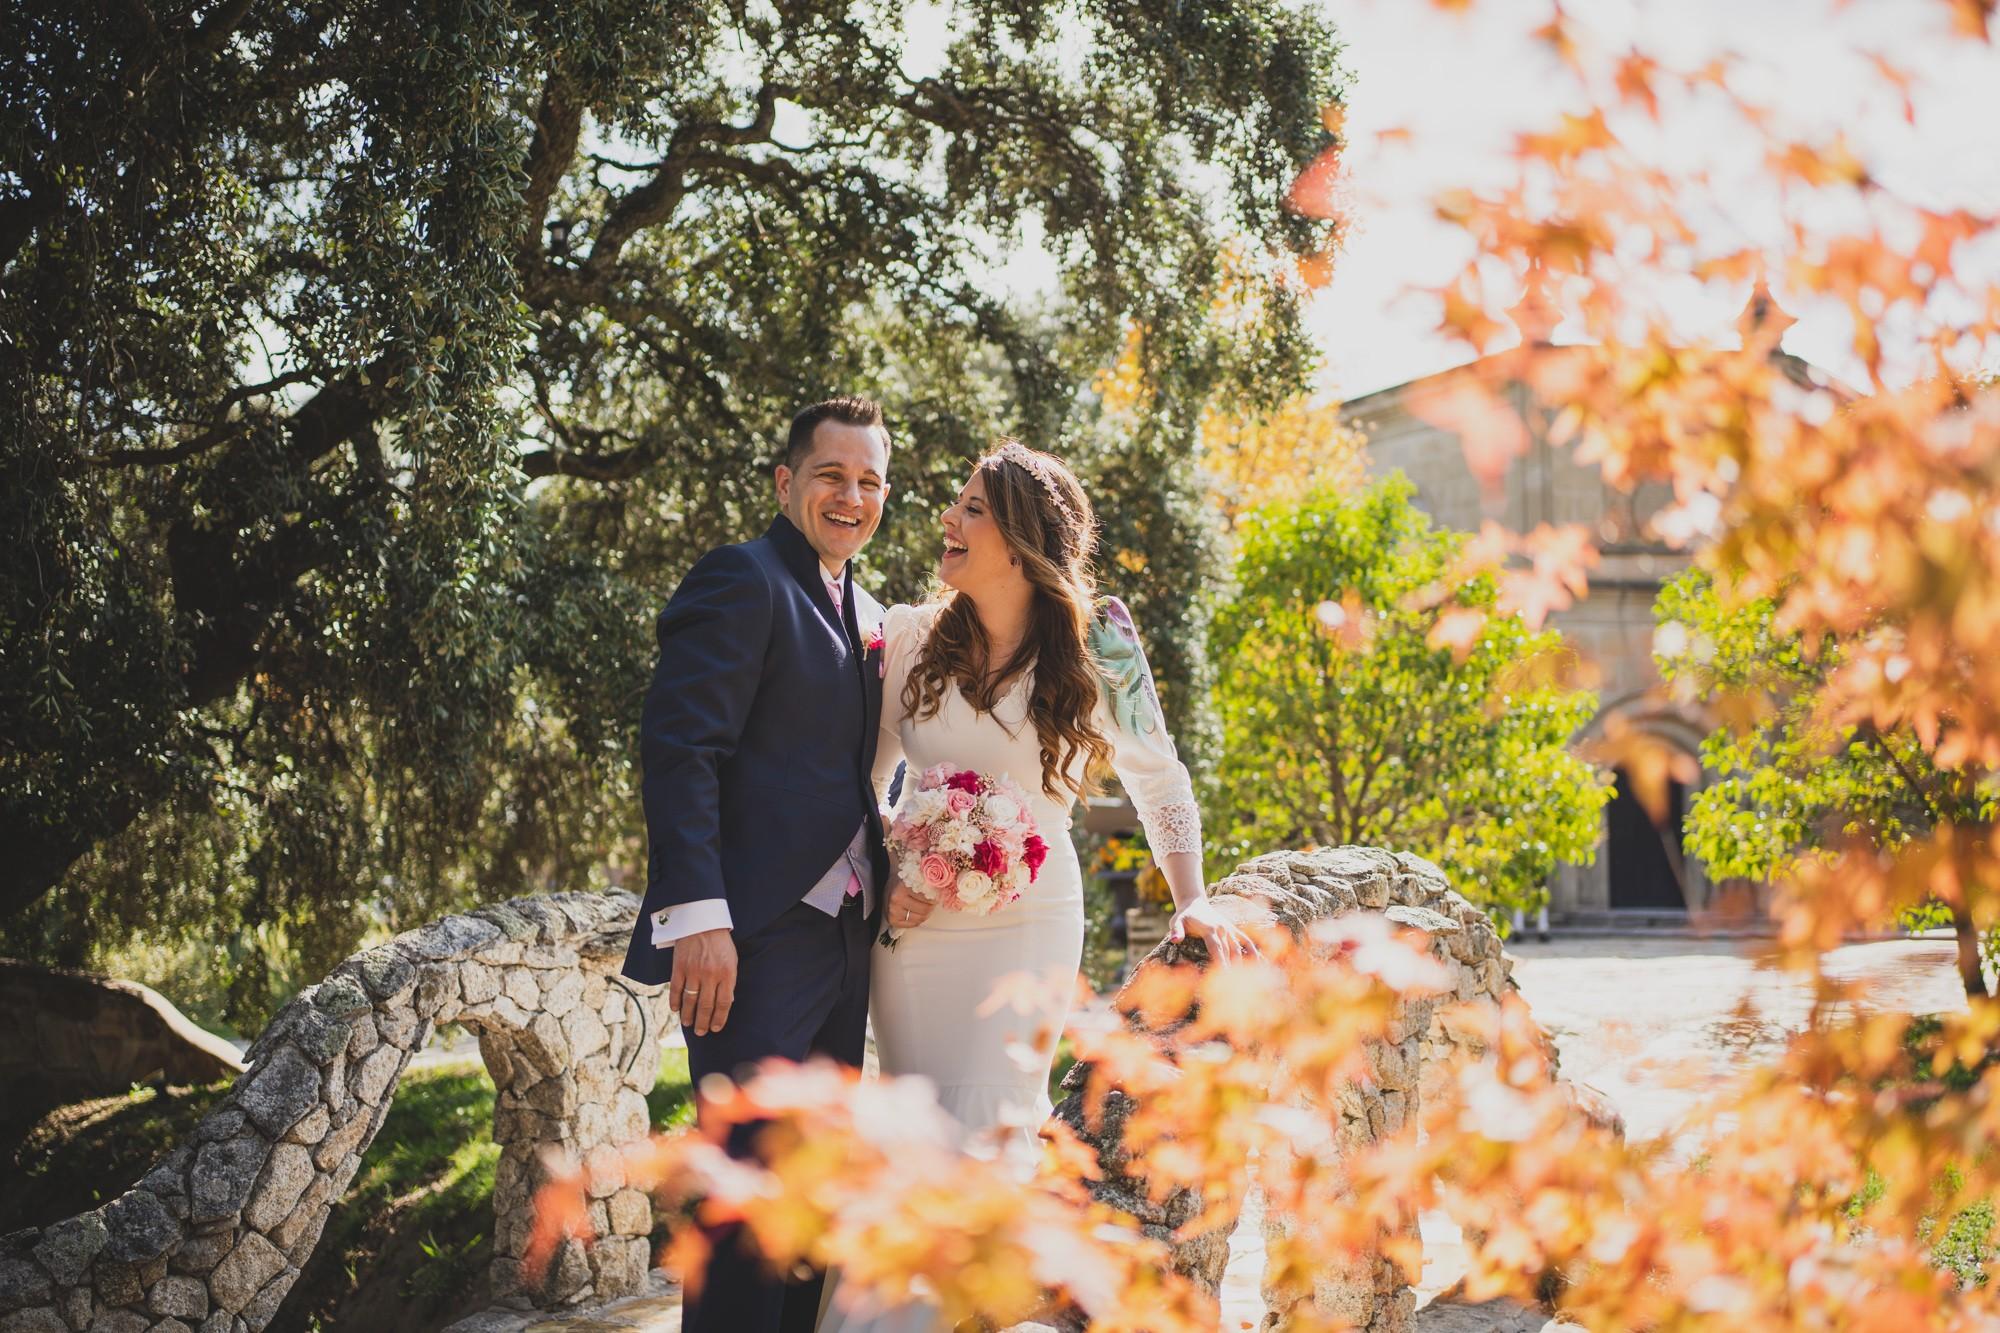 fotografos-boda-Aldea-Santillana-159571